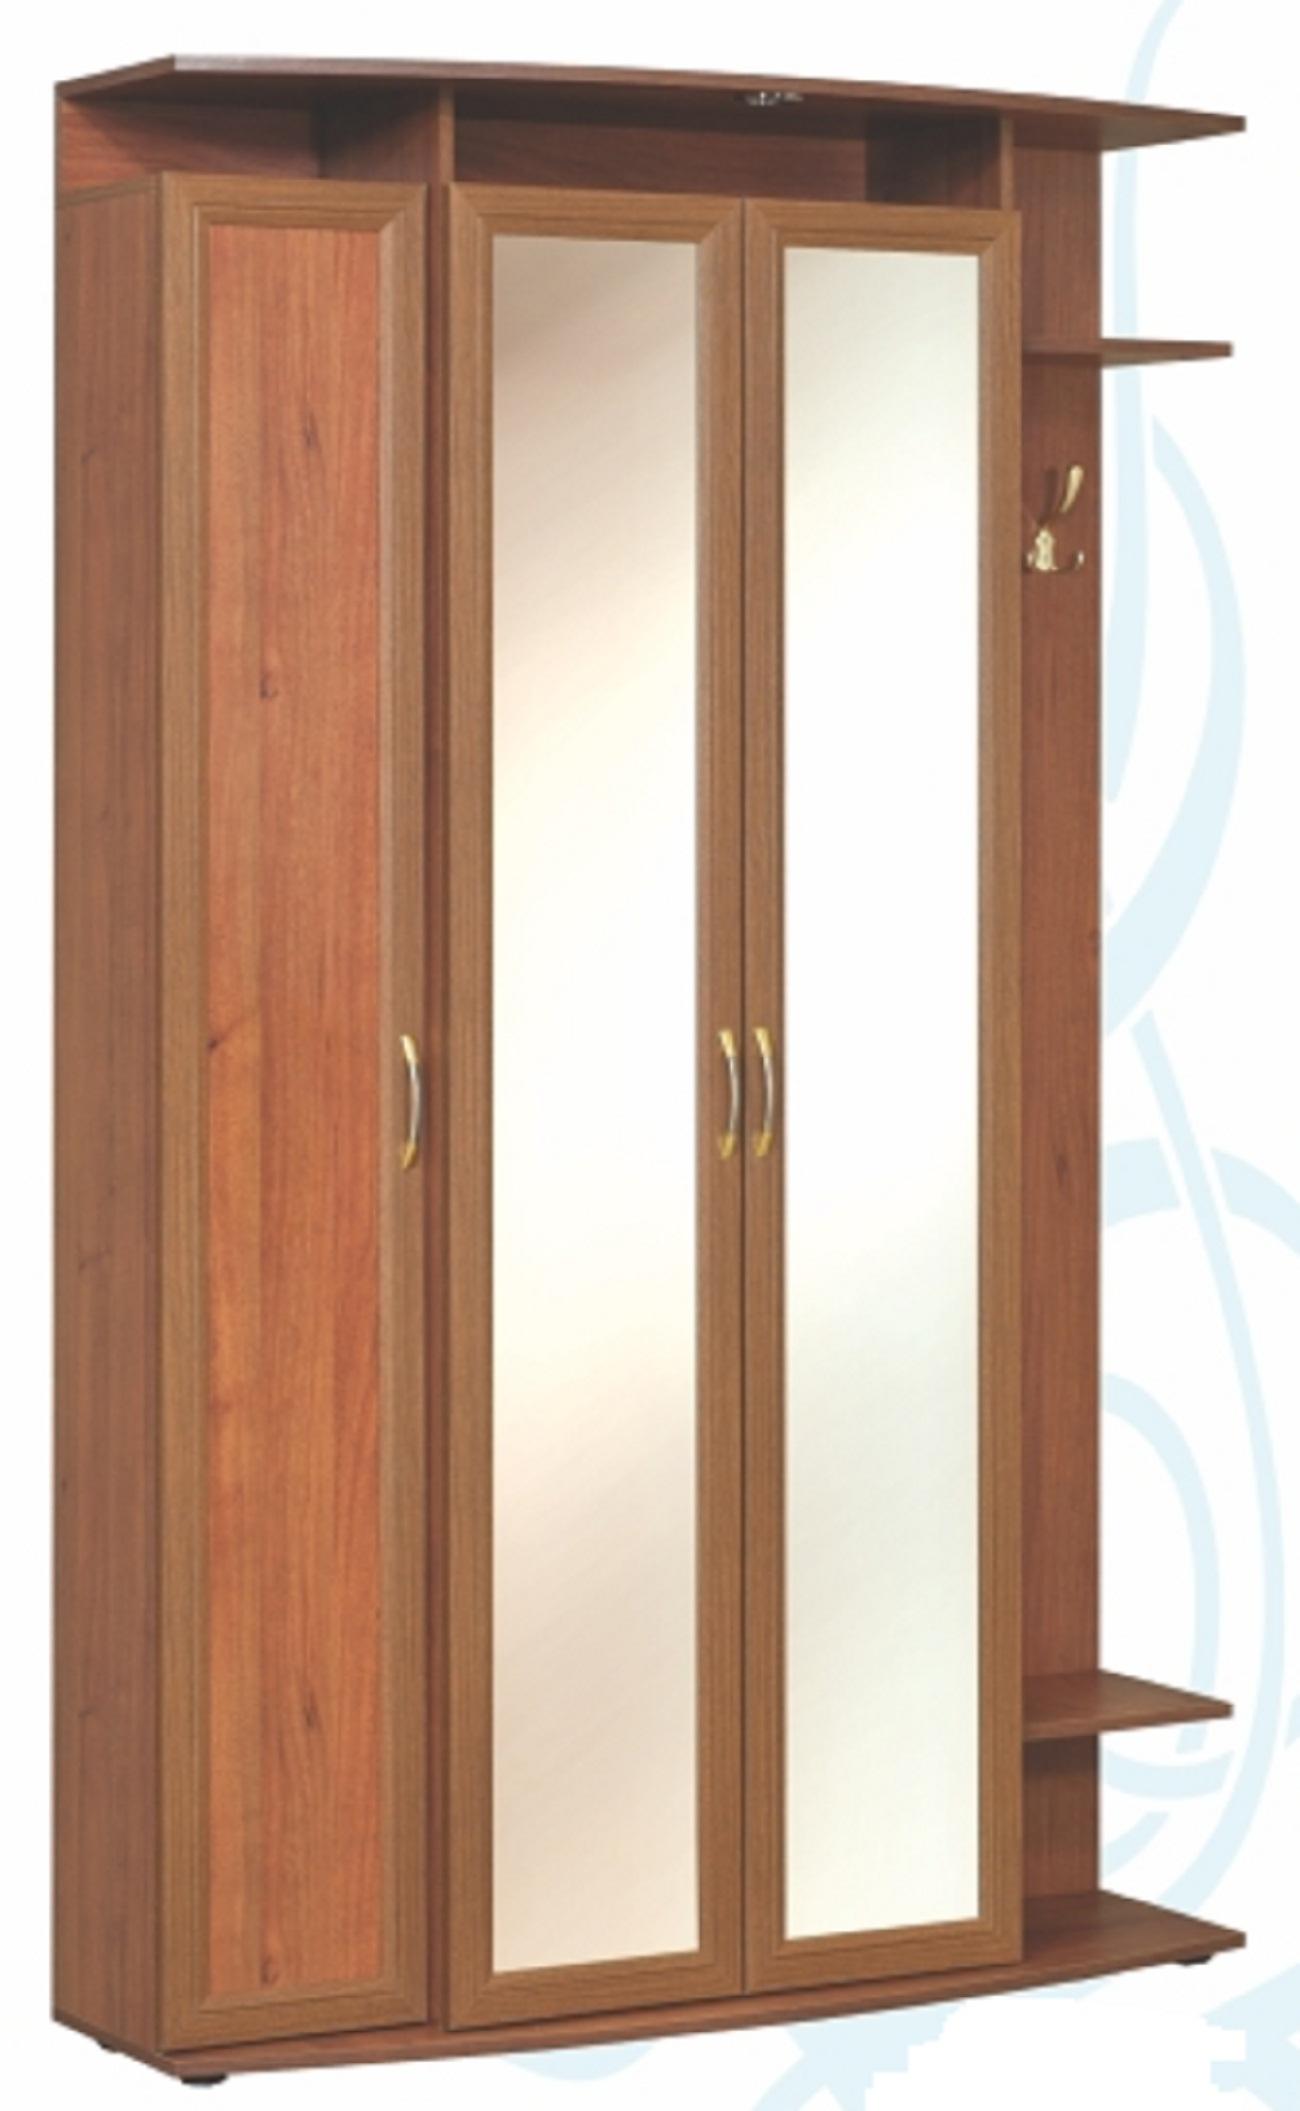 Прихожая карина-2, мебель для дома, прихожие, абсолют.